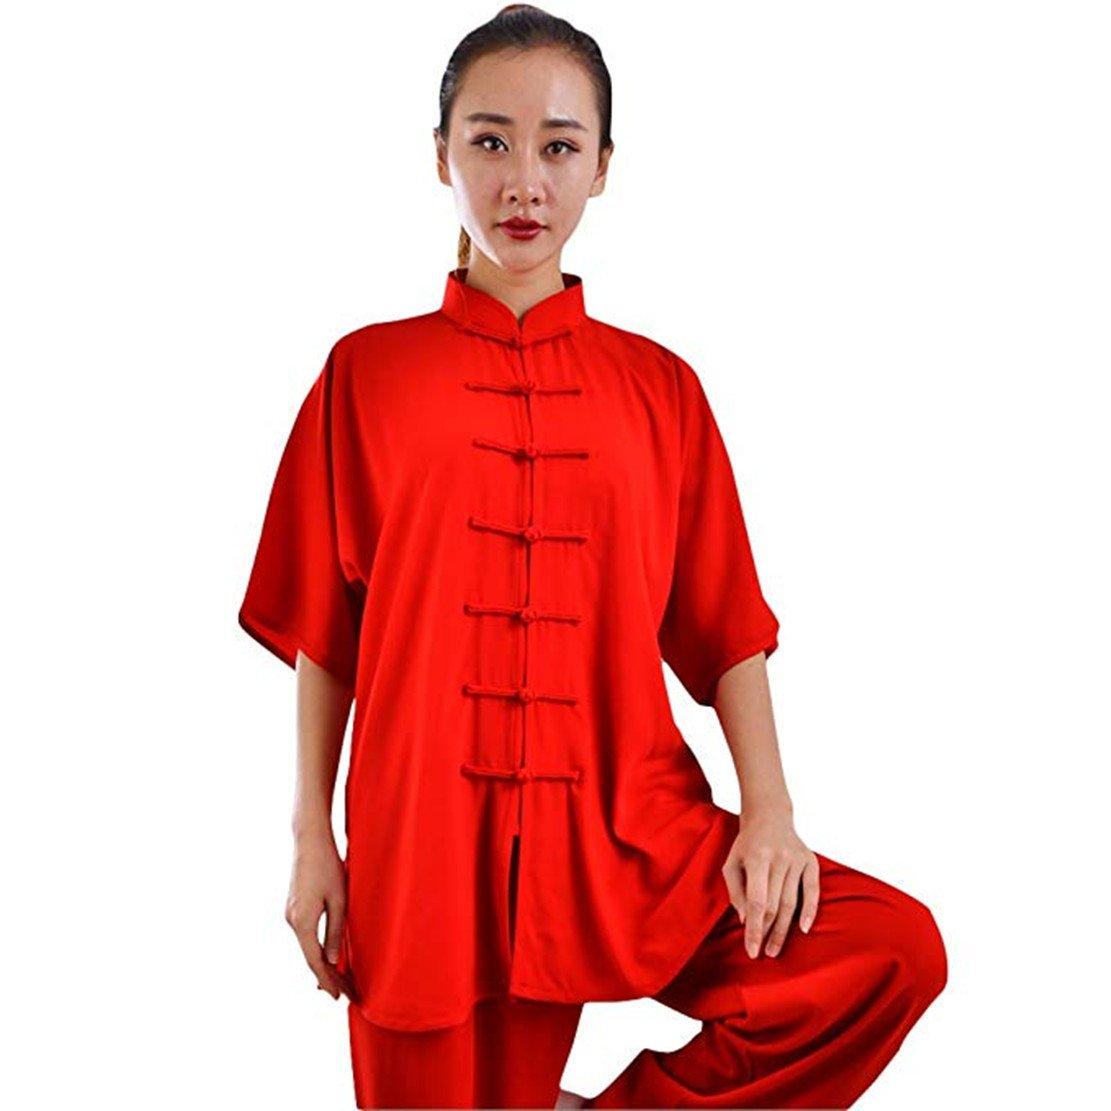 Wuyinコットンシルク太極拳服太極拳服武術カンフー服Tang Suits (サイズチャートで最後フォト) B07F5J4NFG X-Large|BDTS-5 BDTS-5 X-Large